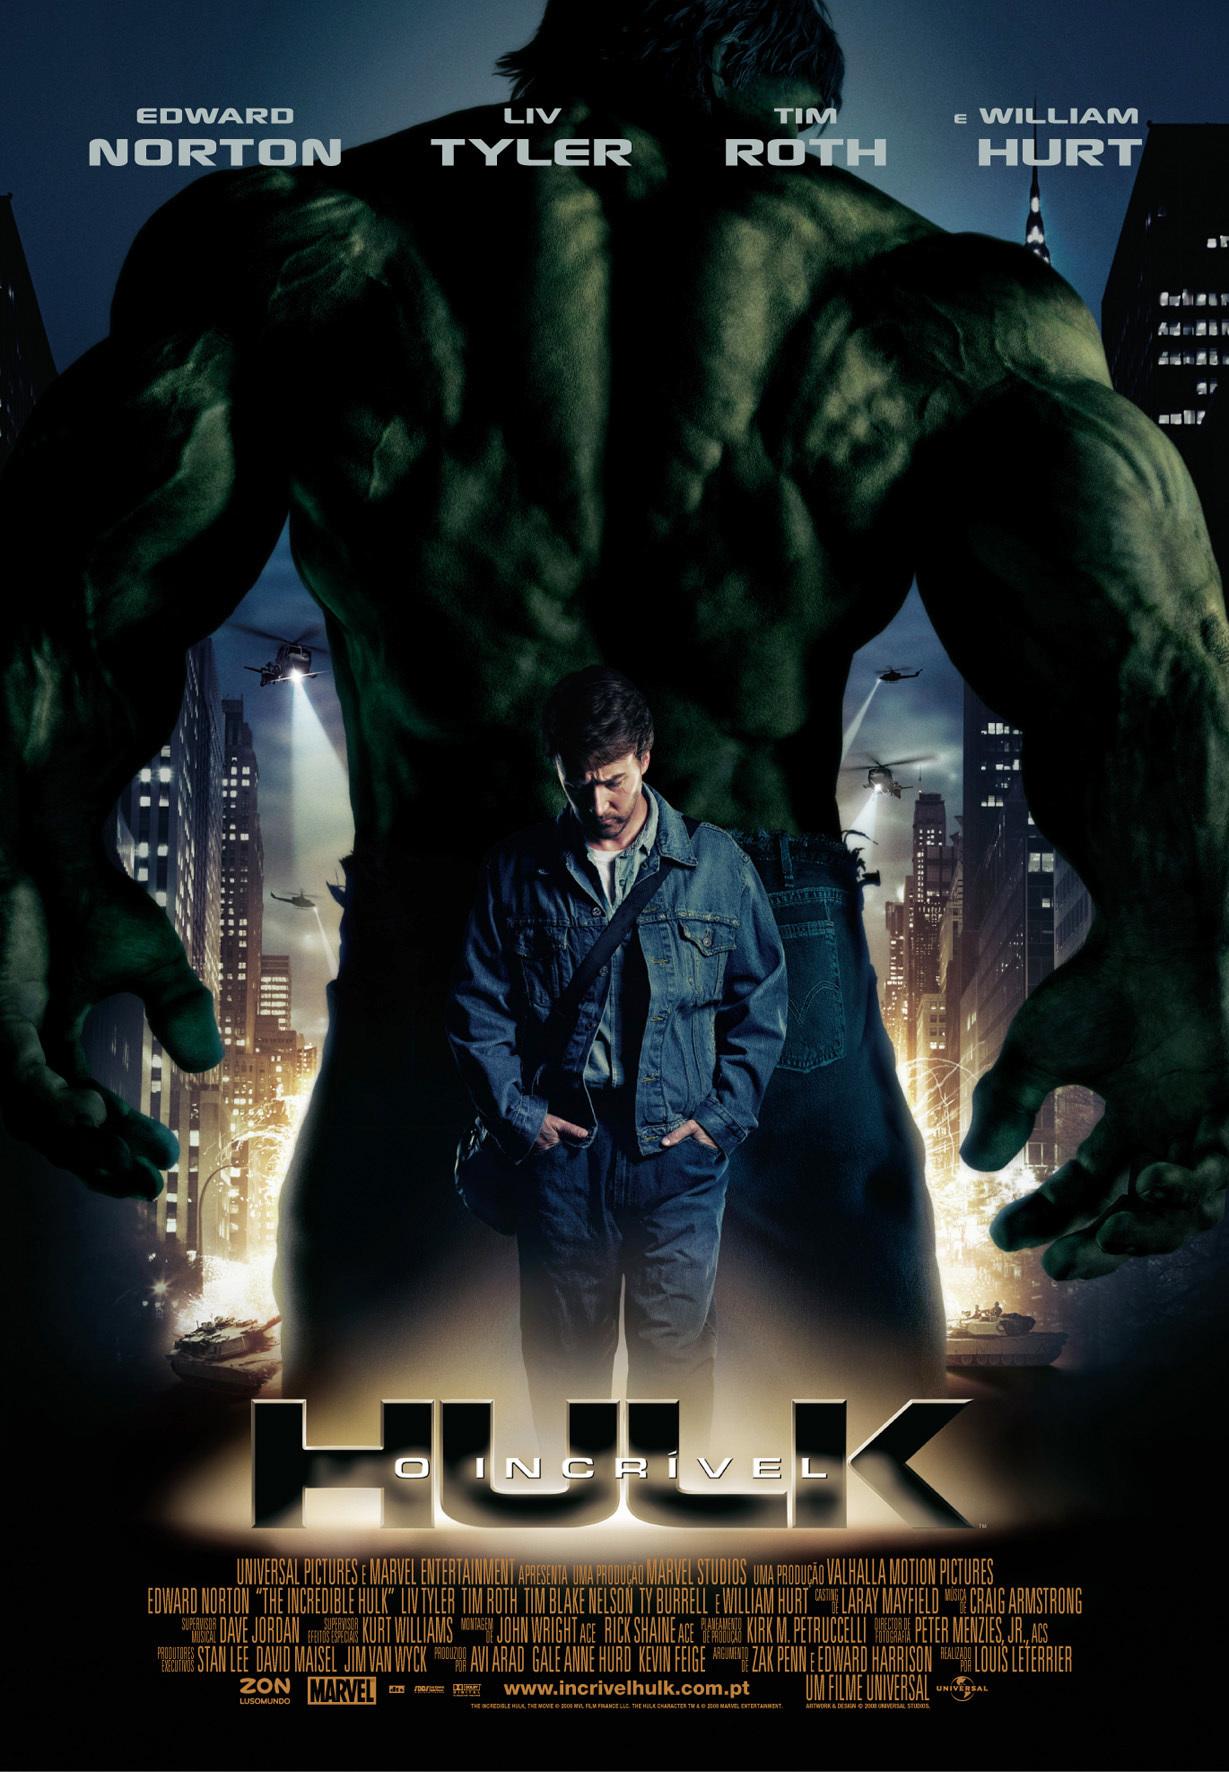 Incrivel Hulck Complete o incrível hulk - sapo mag